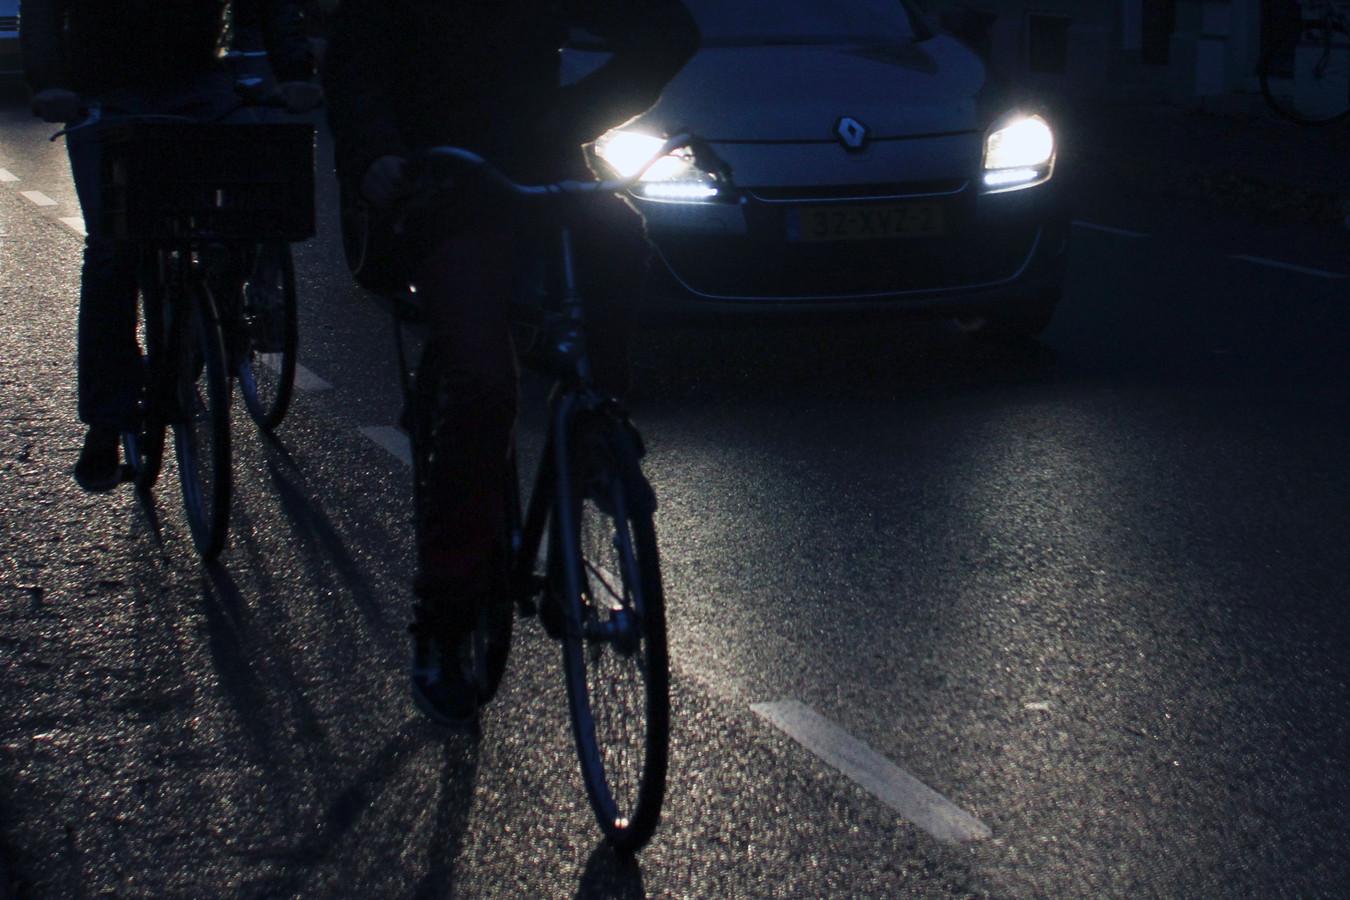 fietsers rijden in het donker zonder verlichting